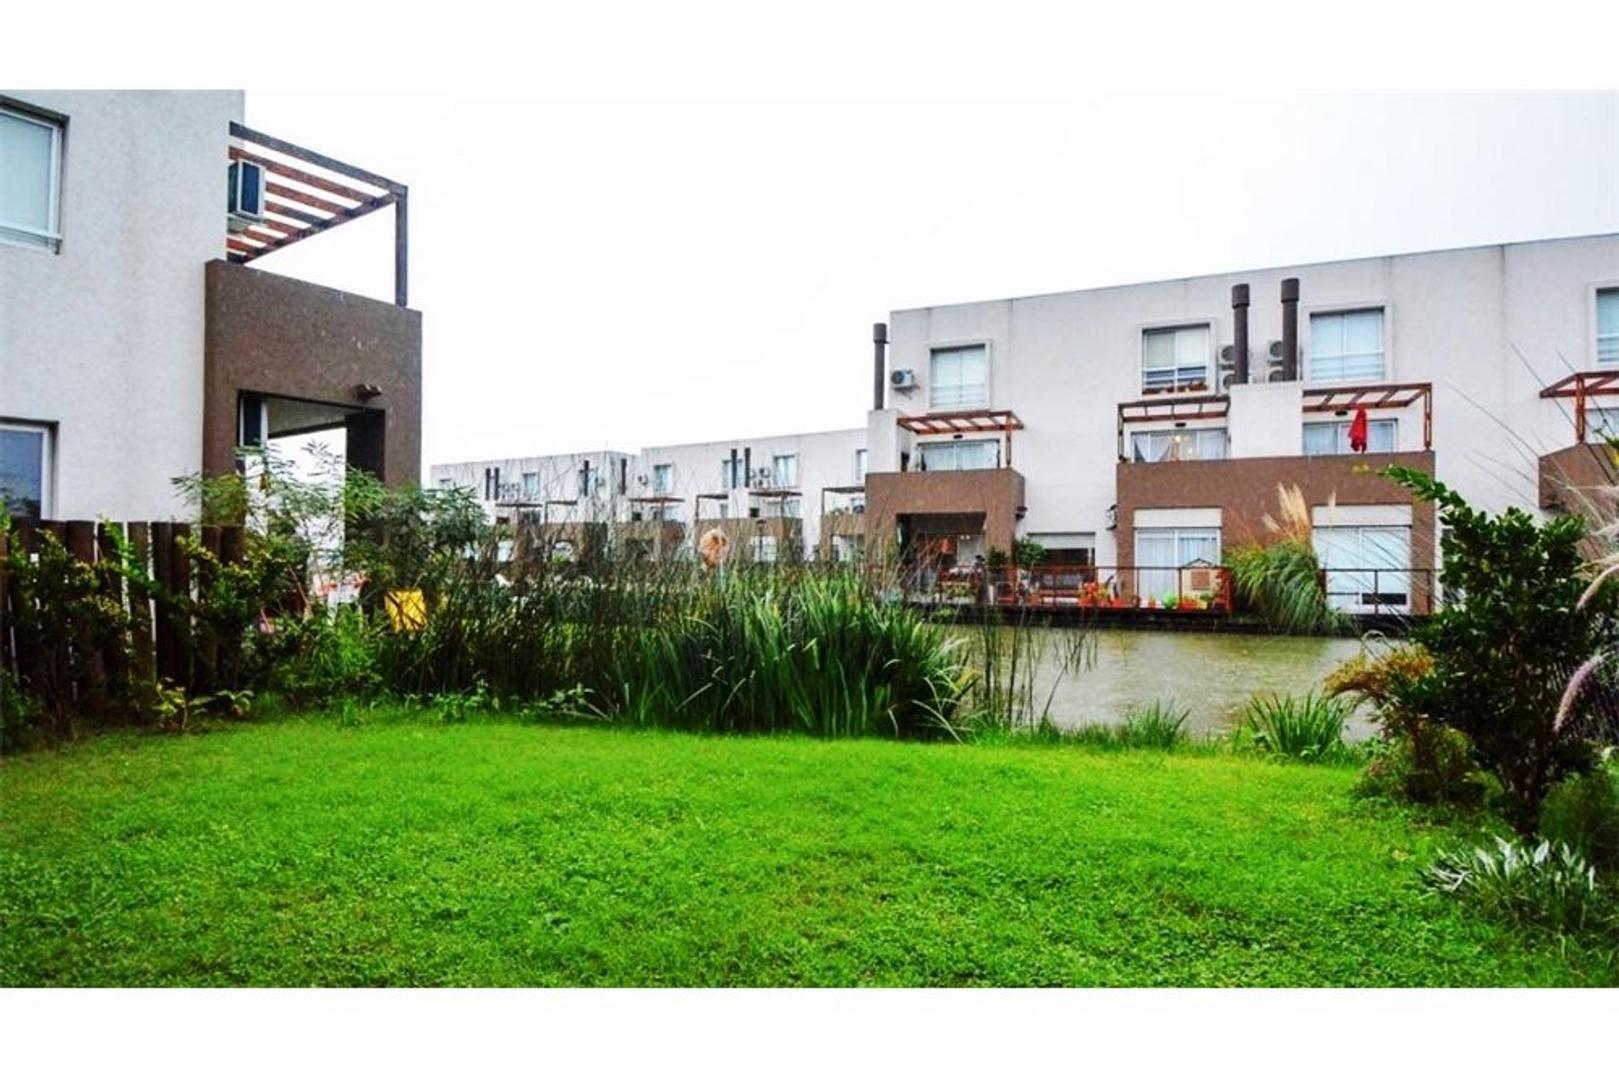 Venta Departamento tipo casa con jardin al lago.